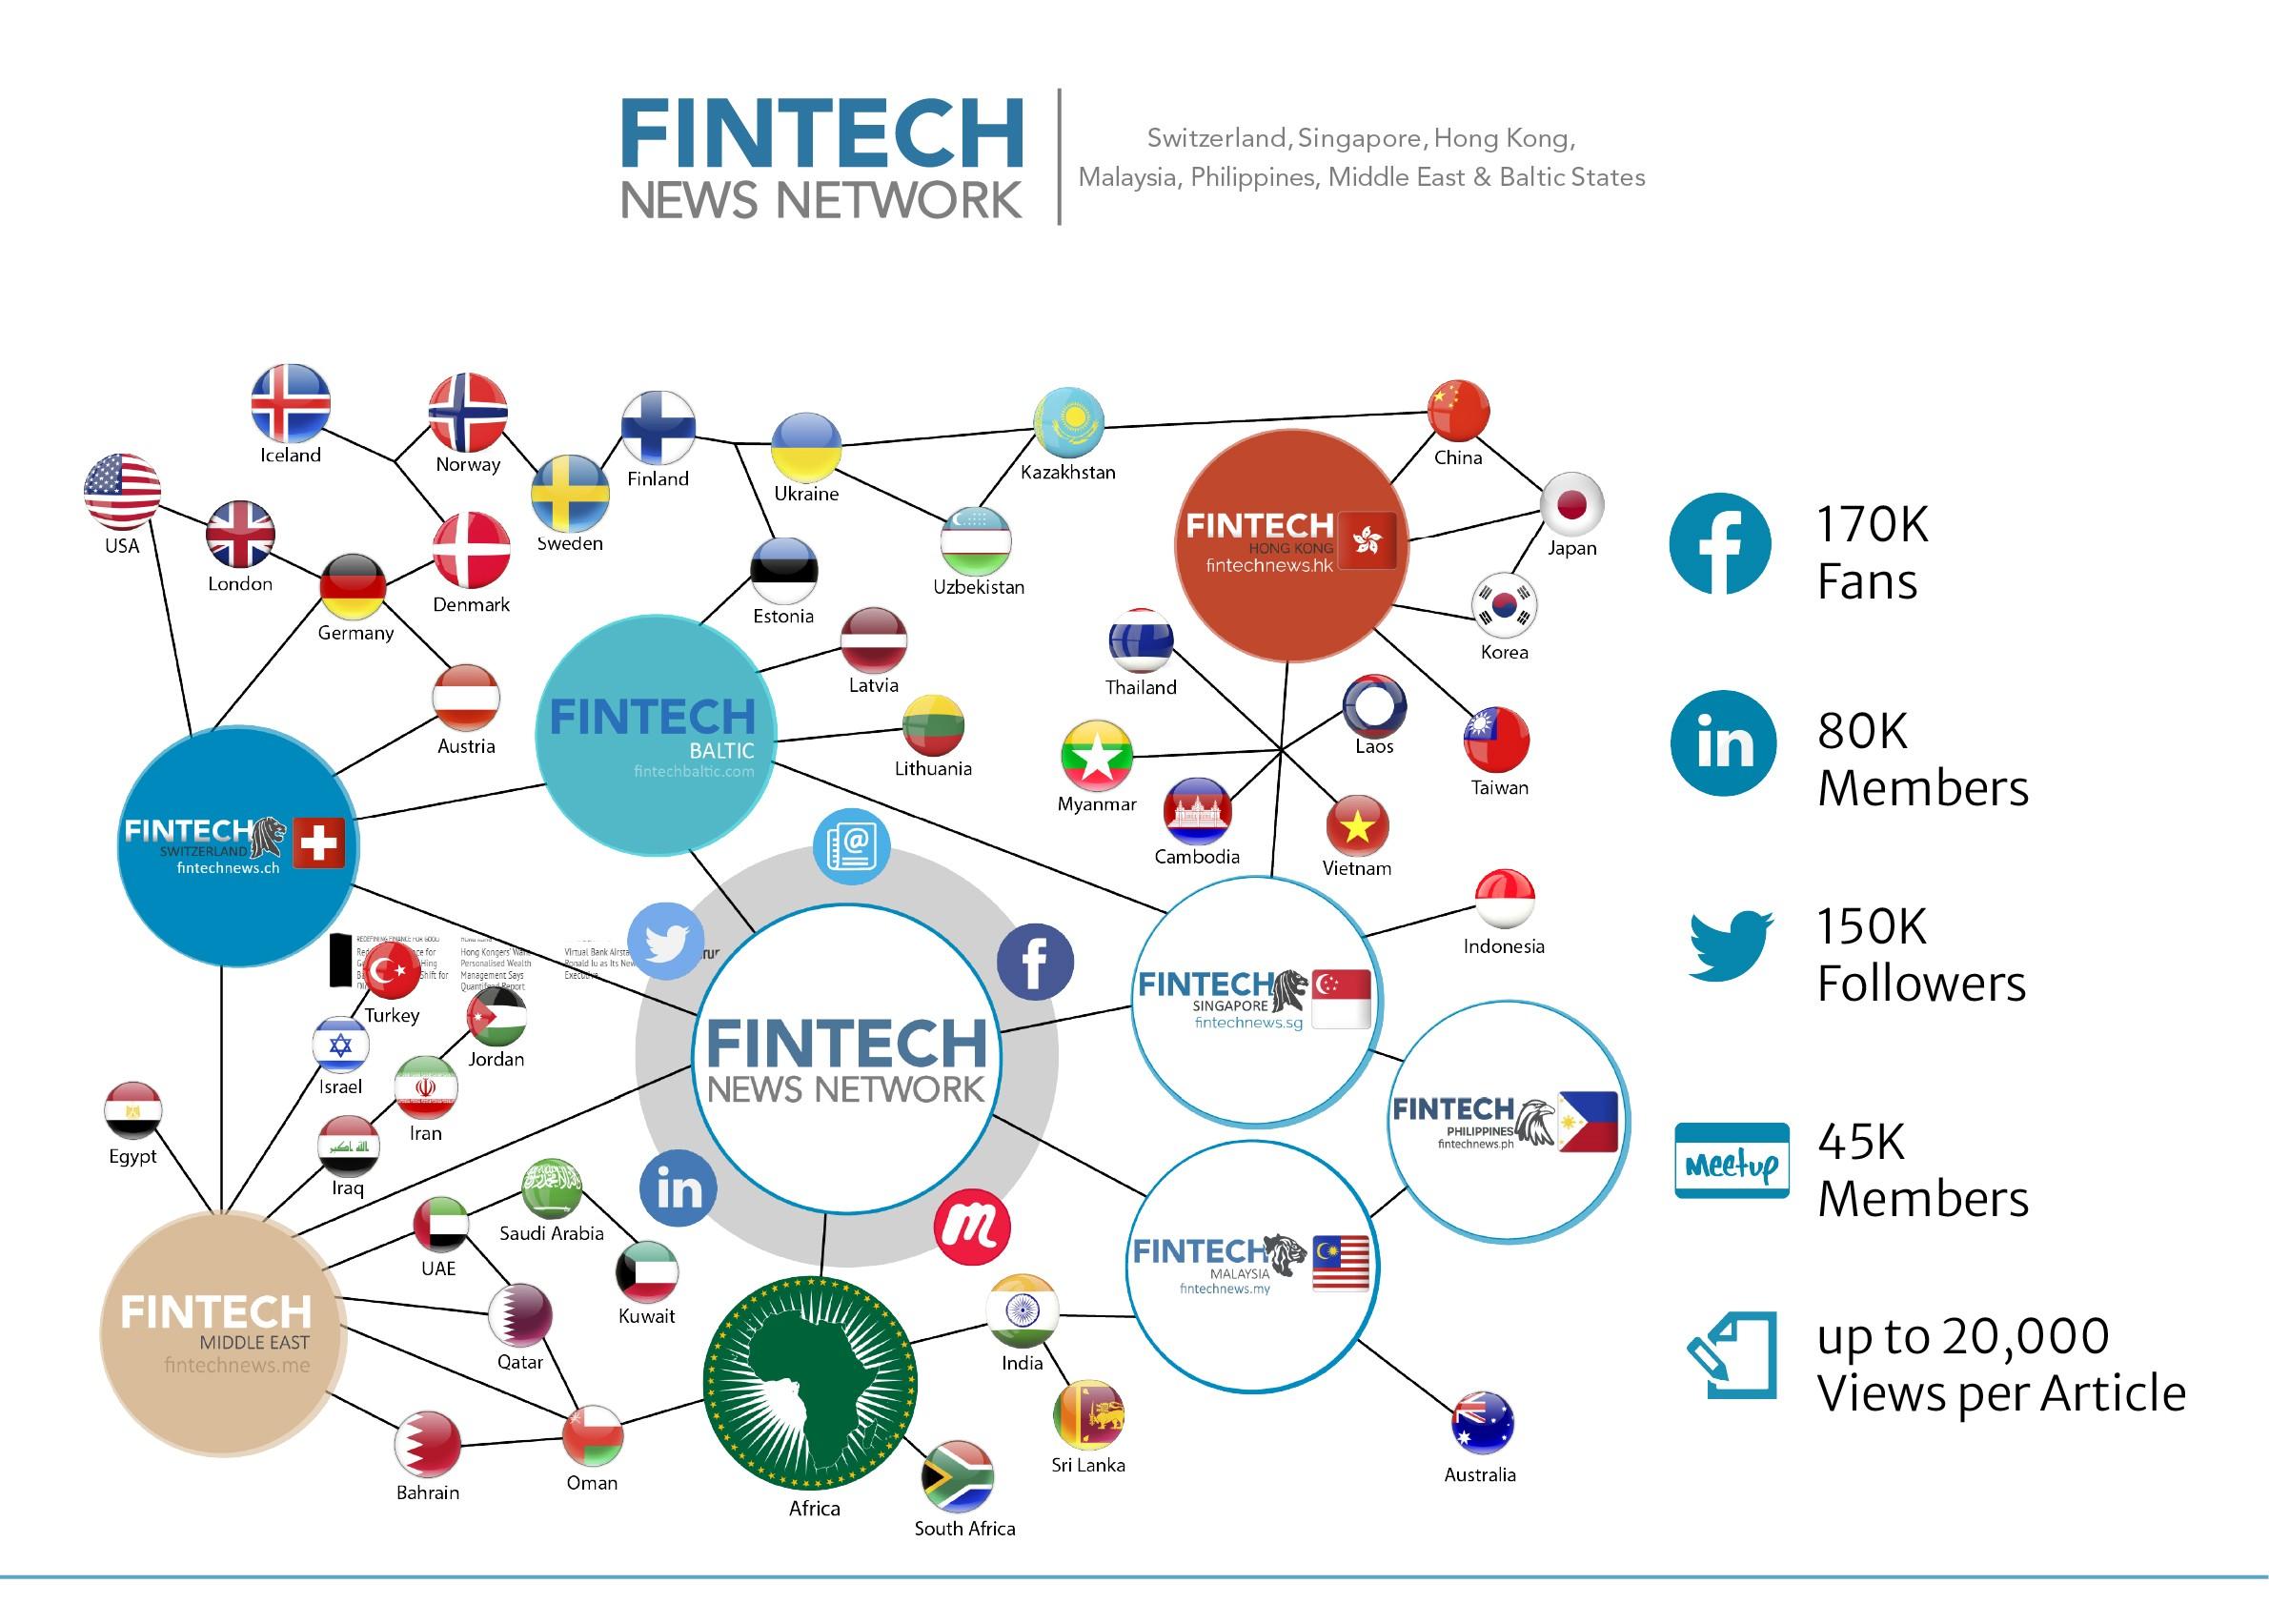 fintech news network map